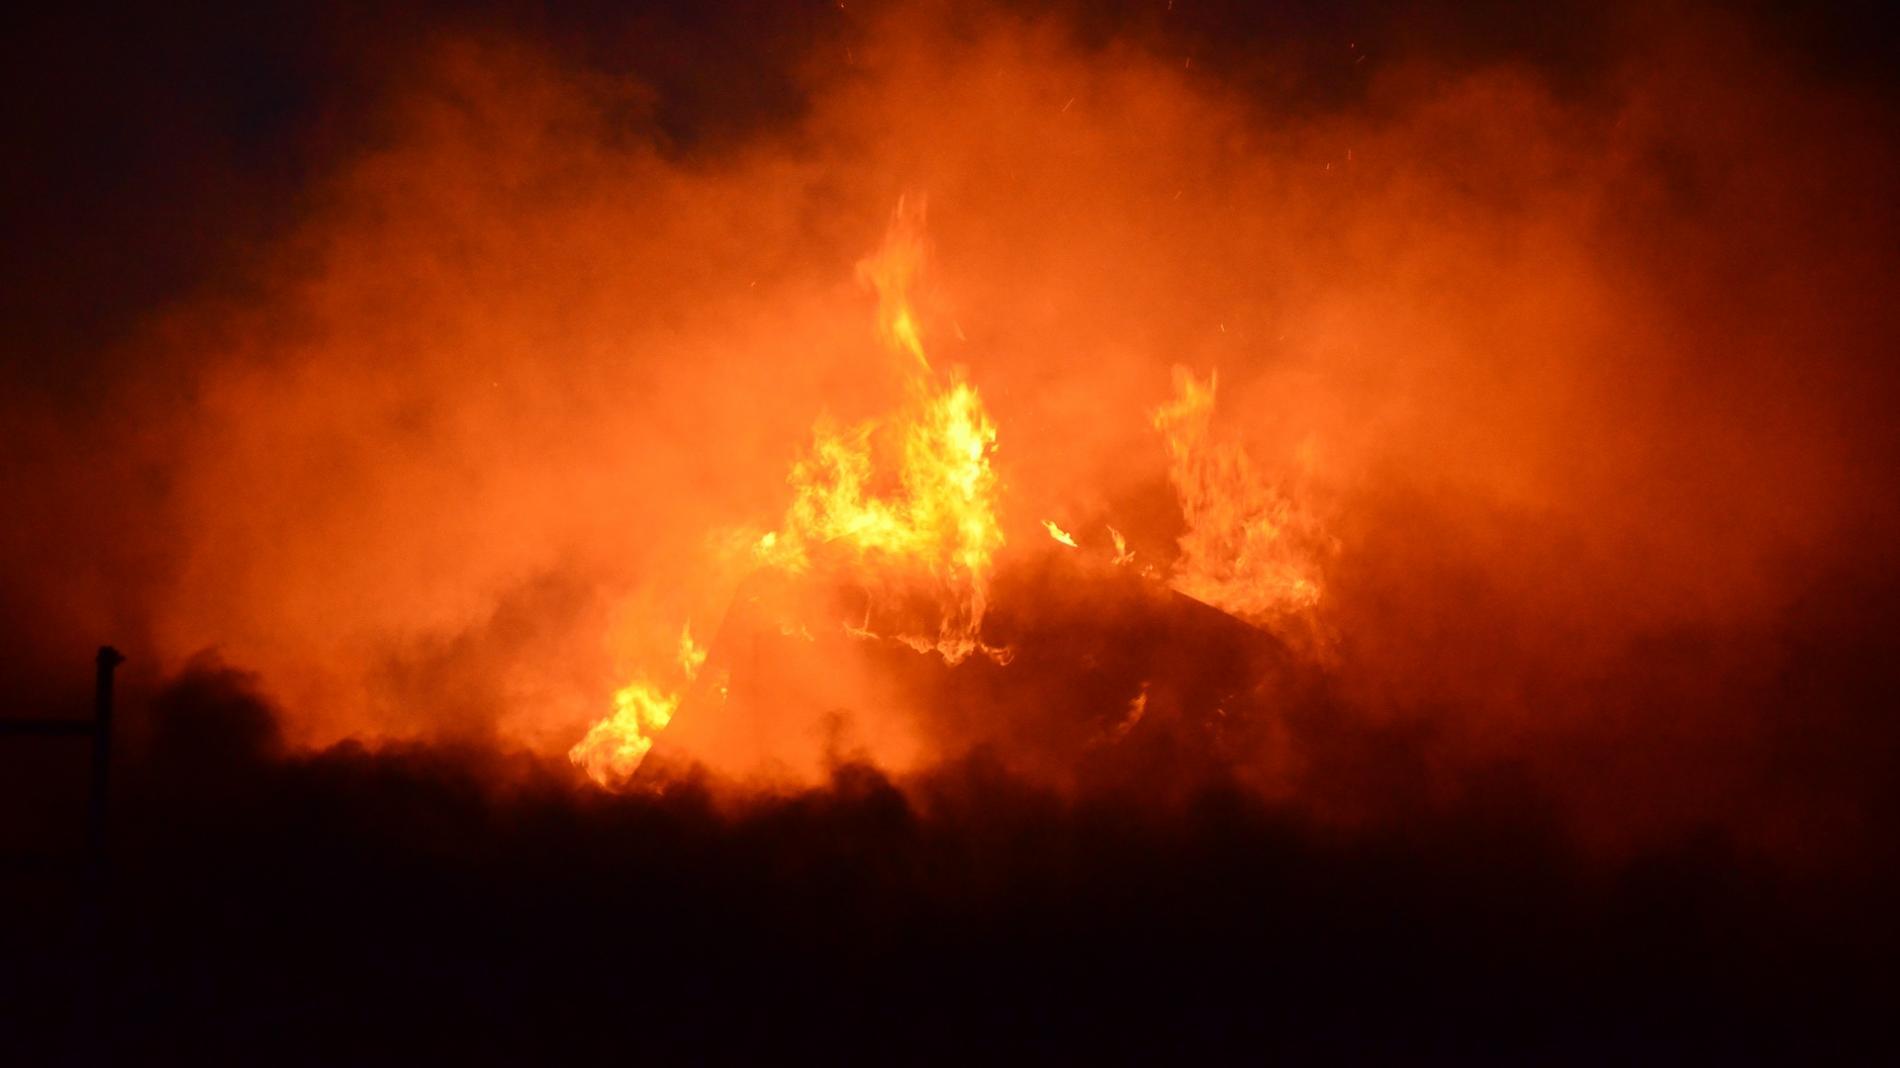 Ферму, где впламени погибли практически 60 голов скота, могли сжечь специально